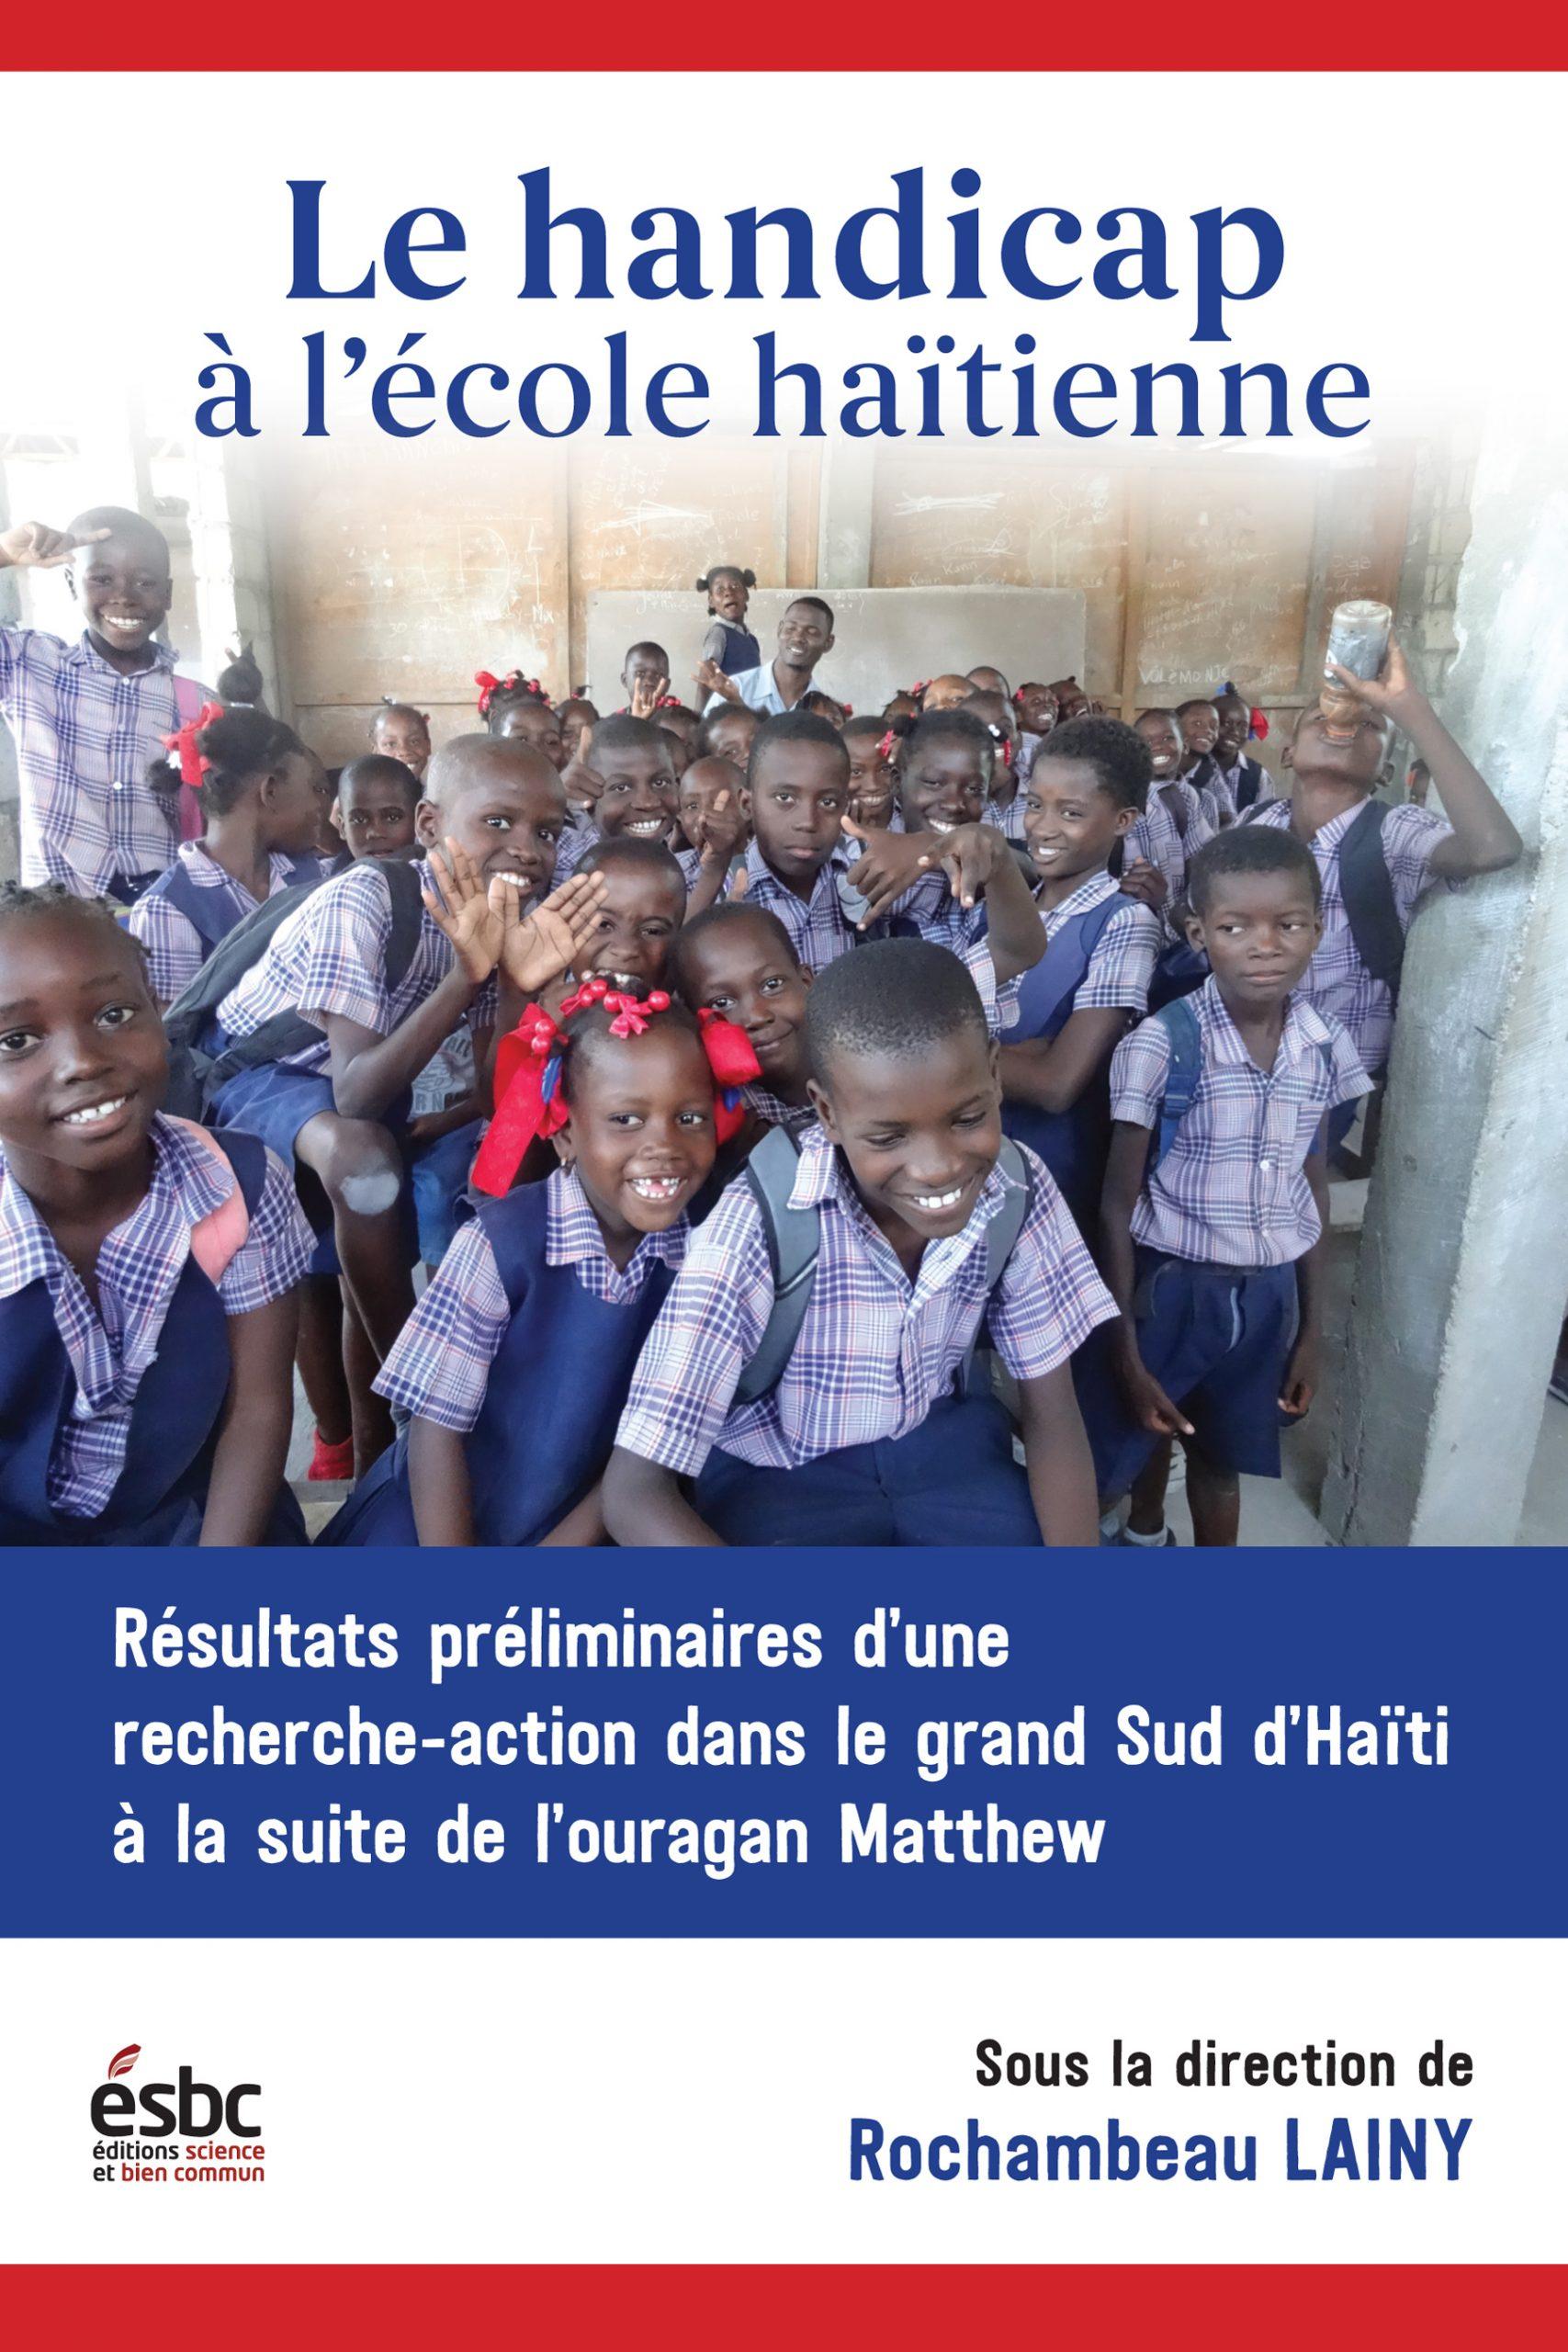 Le handicap à l'école haïtienne